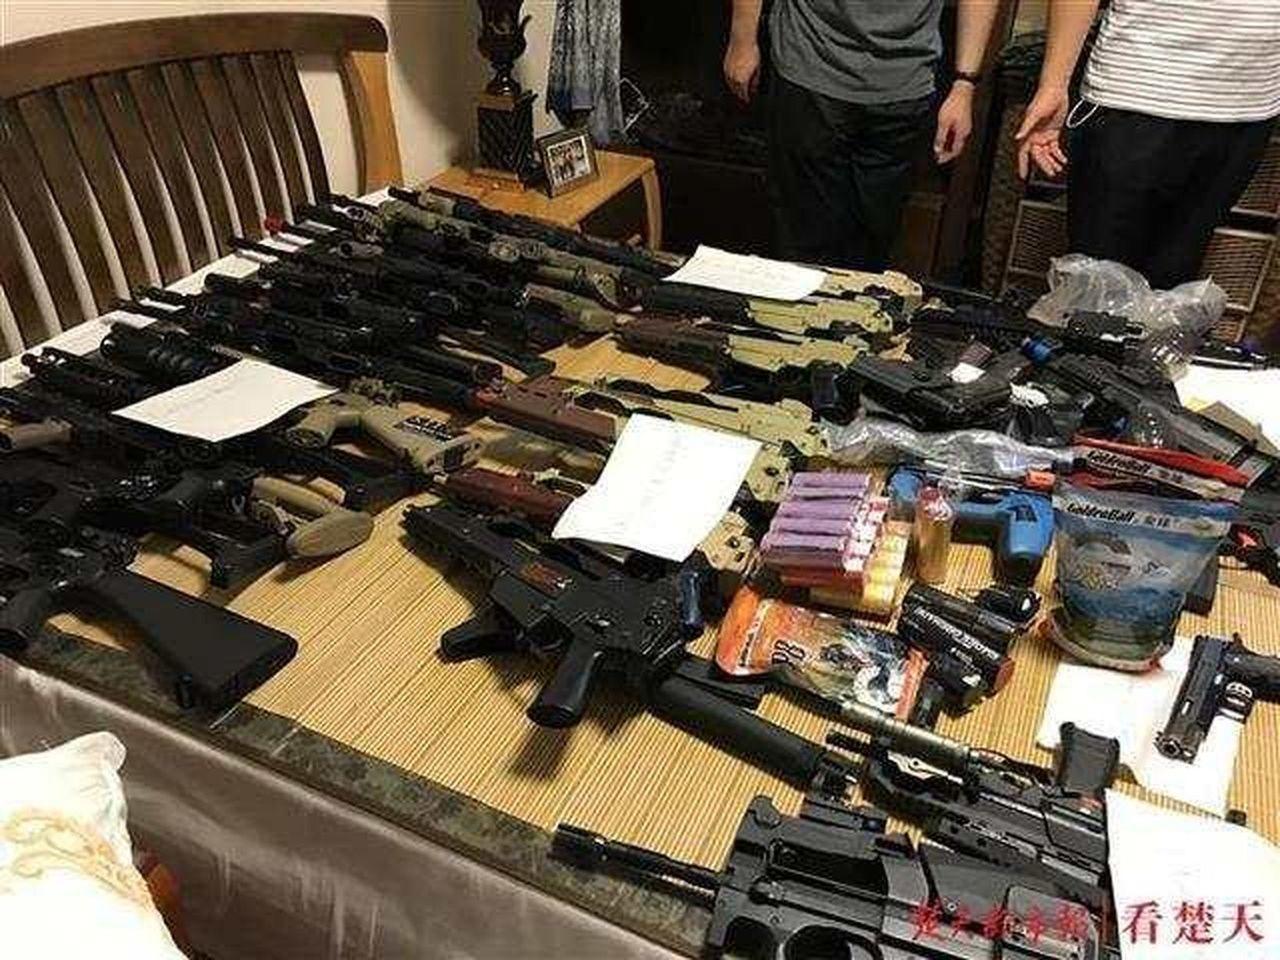 武漢海關收繳的各類槍枝及槍枝核心配件。圖/取自楚天都市報